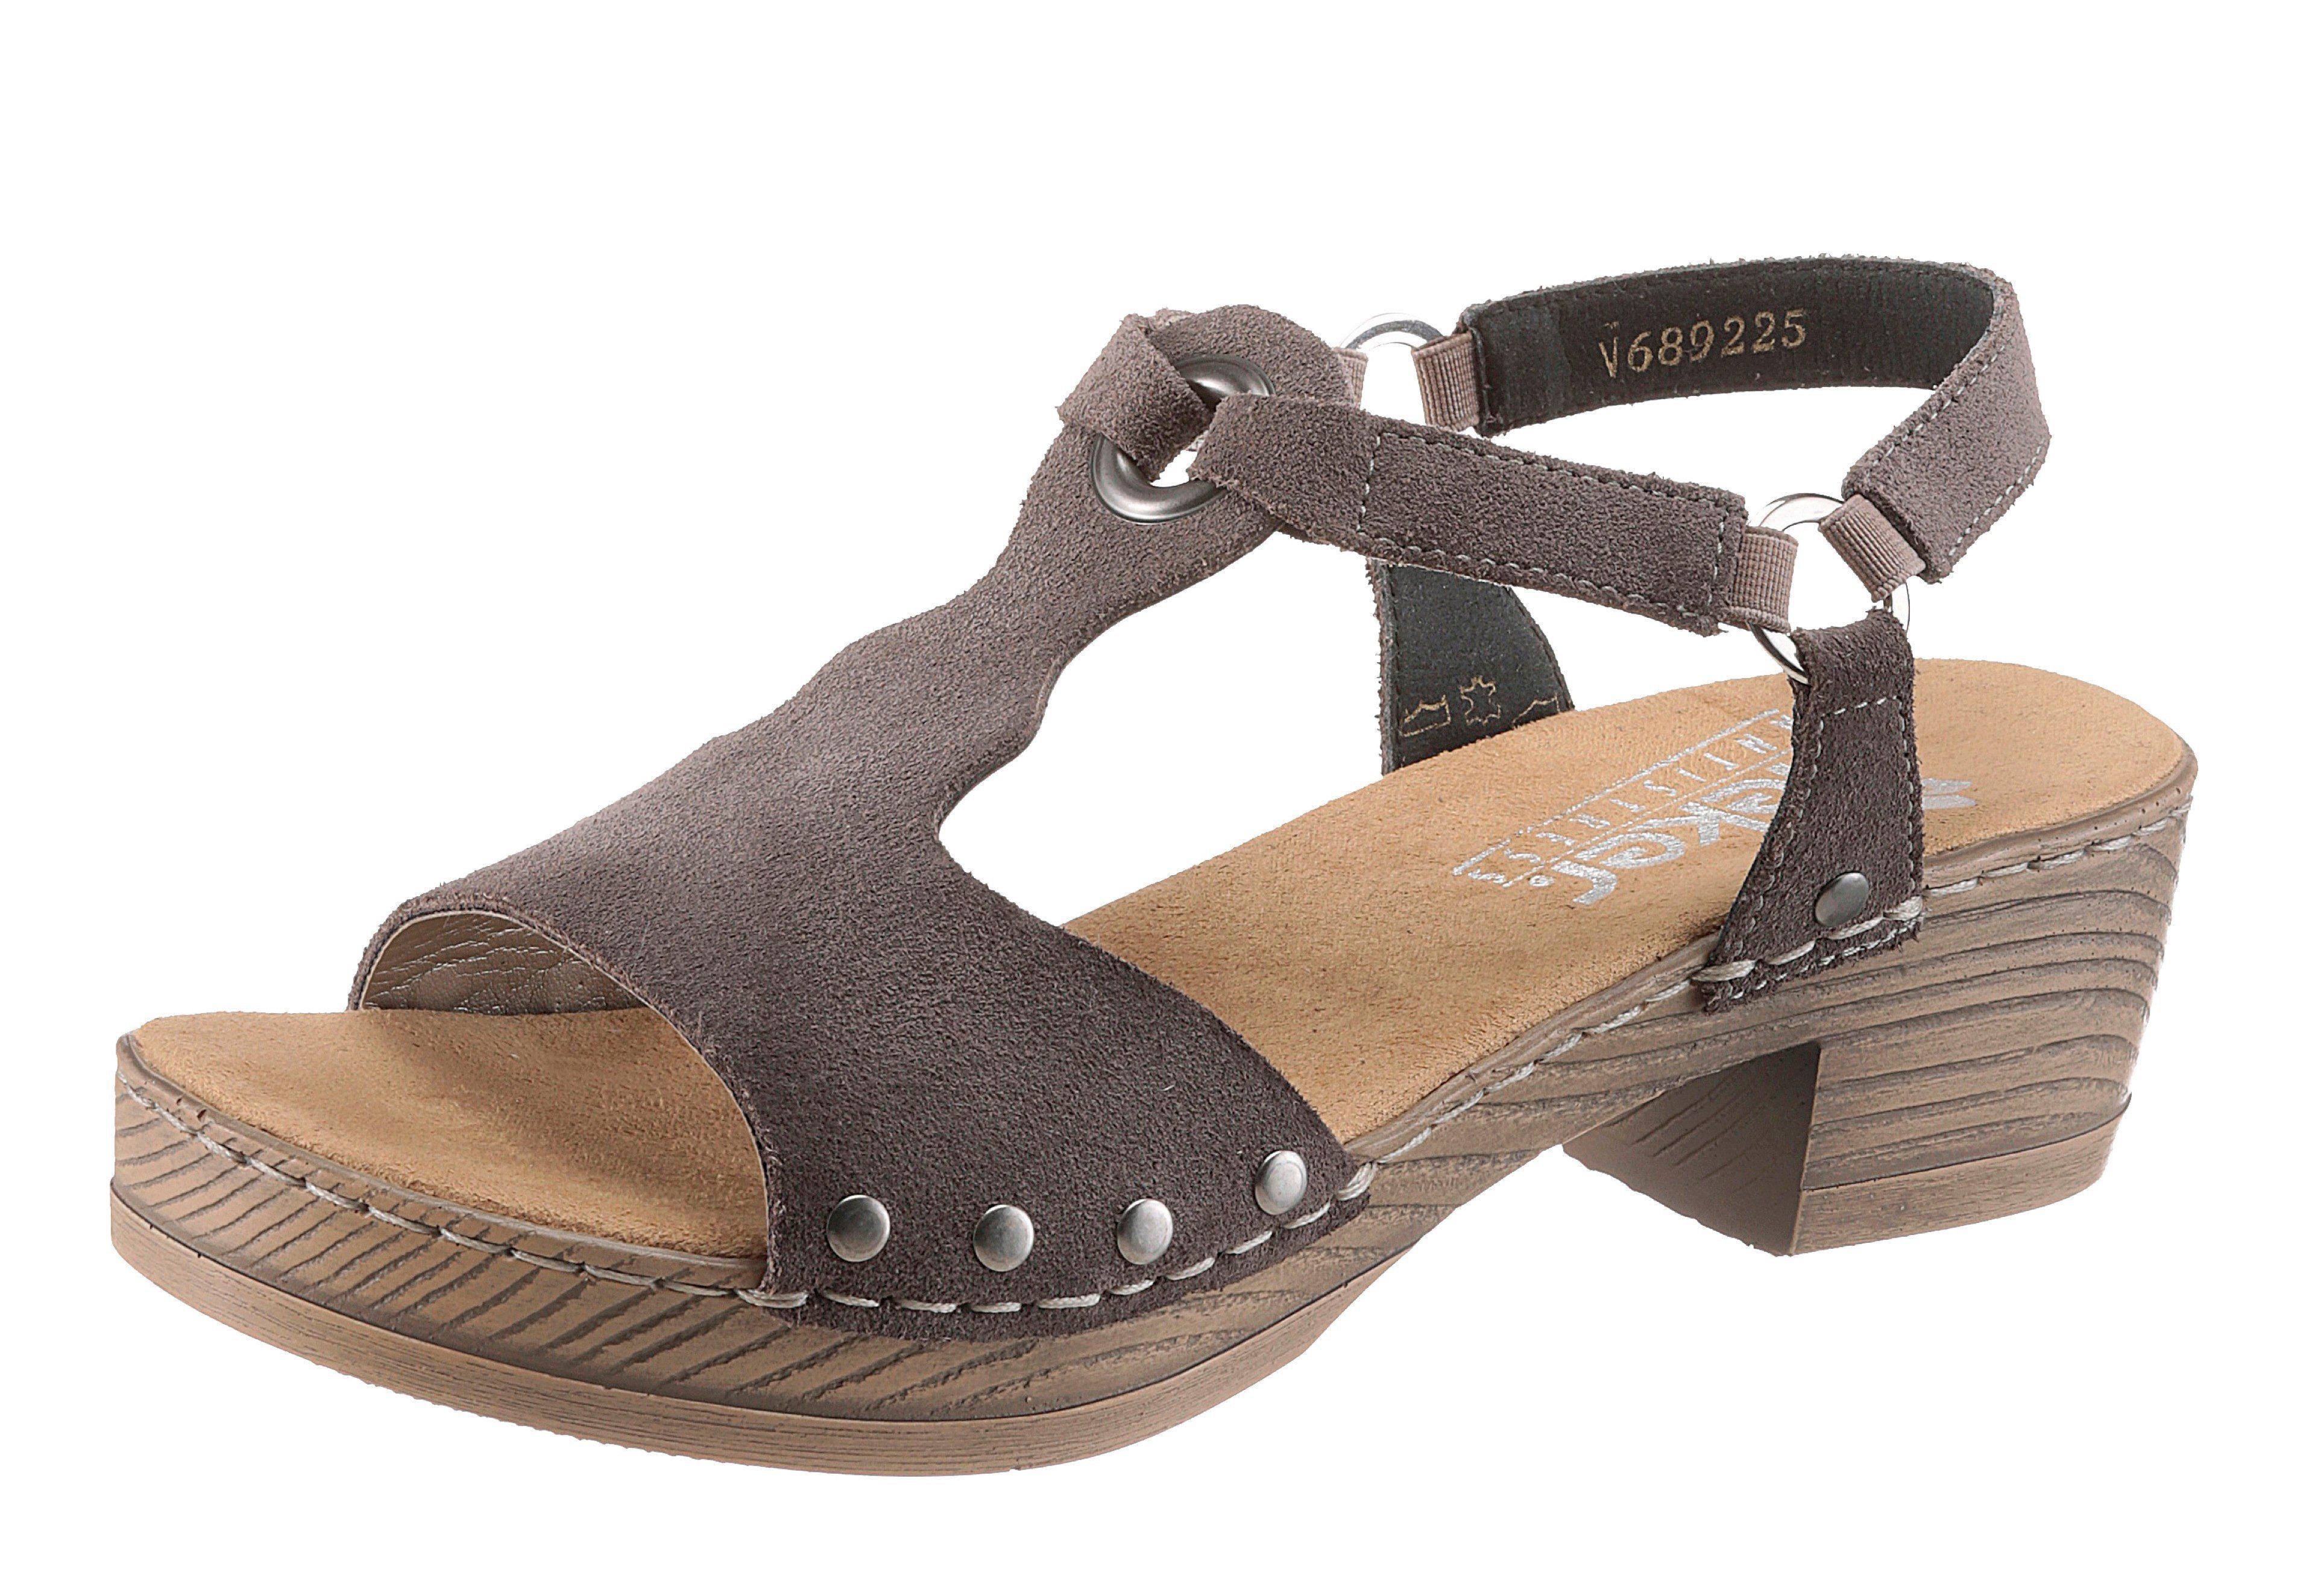 Rieker Sandalette, mit Nieten und Schmuckringe  taupe